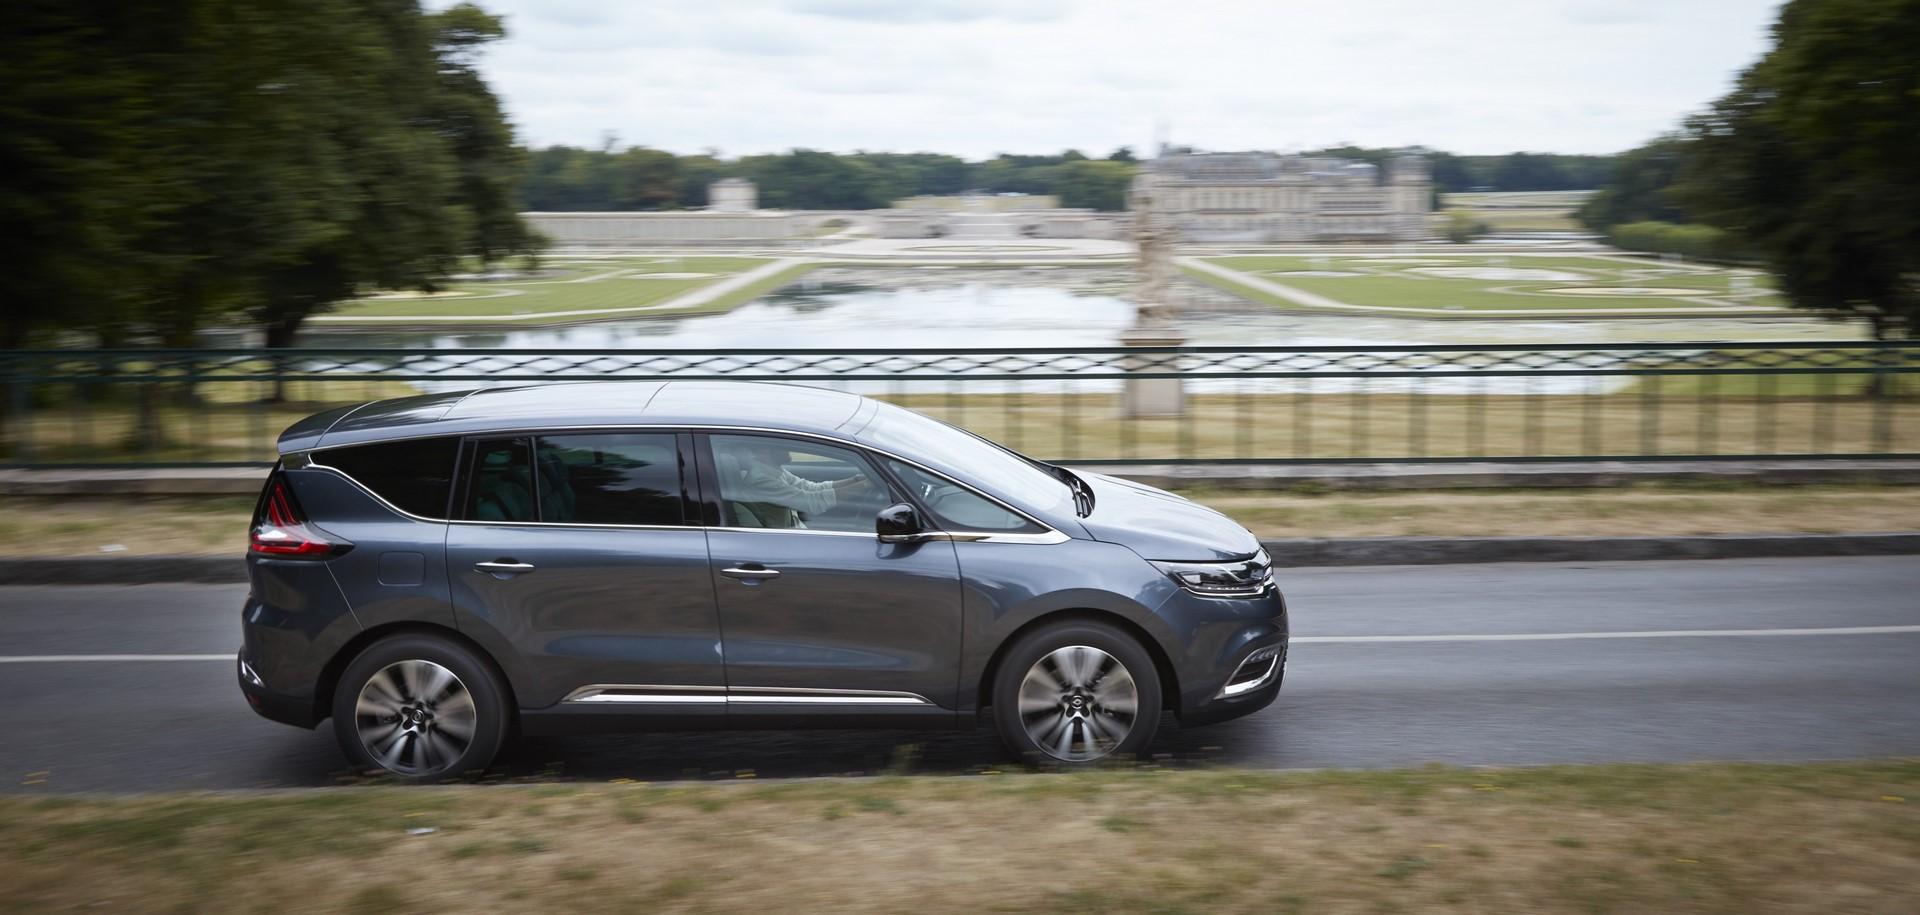 Renault_93240_global_en